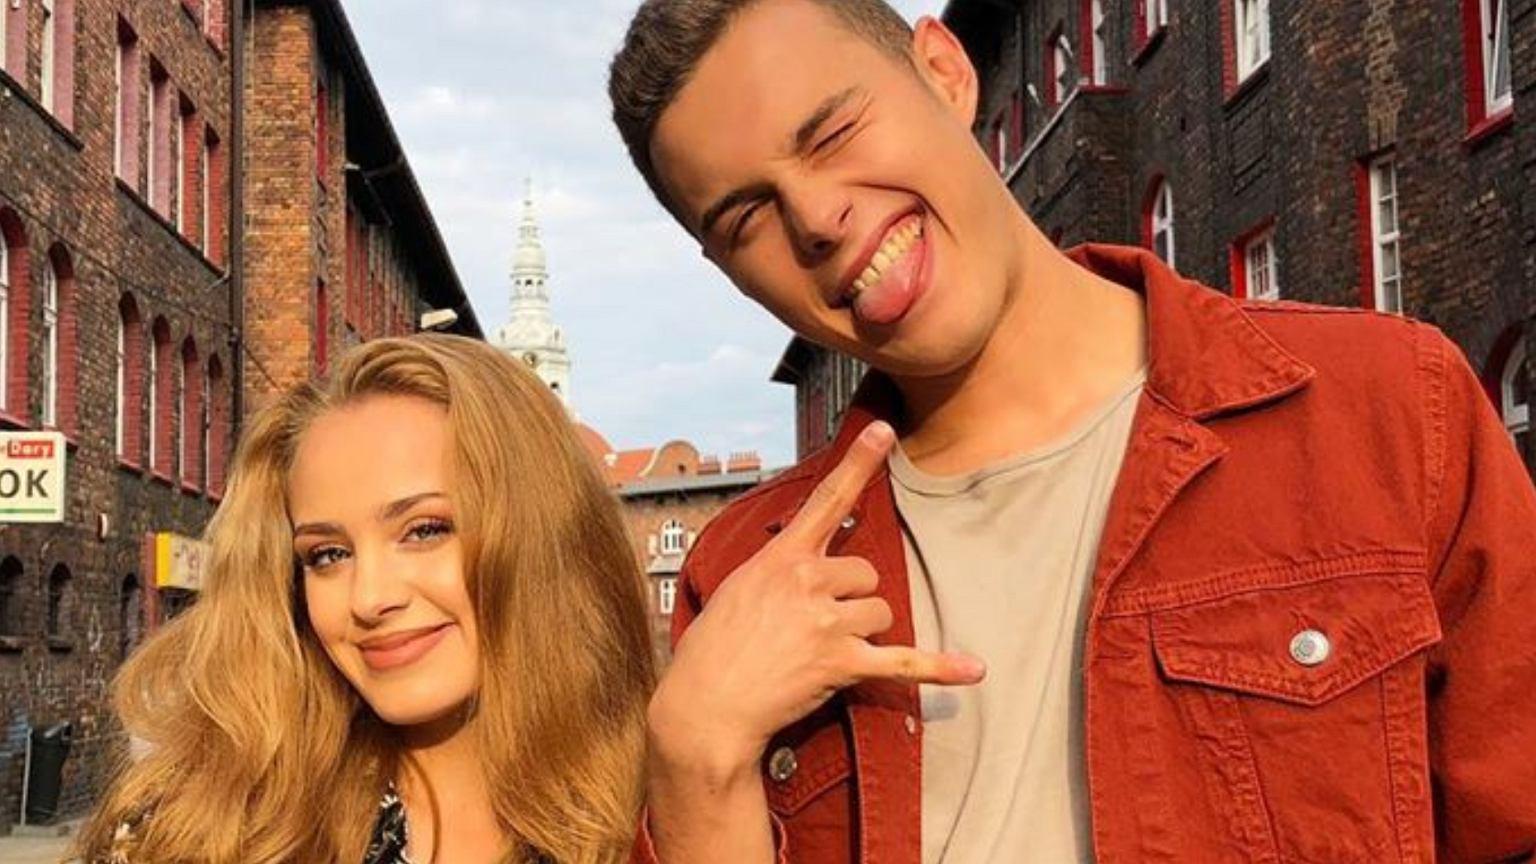 Wiktoria Gąsiewska i Adam Zdrójkowski planują ślub? Aktorka odpowiedziała jednoznacznie. Zdradziła też, że są zaręczeni!